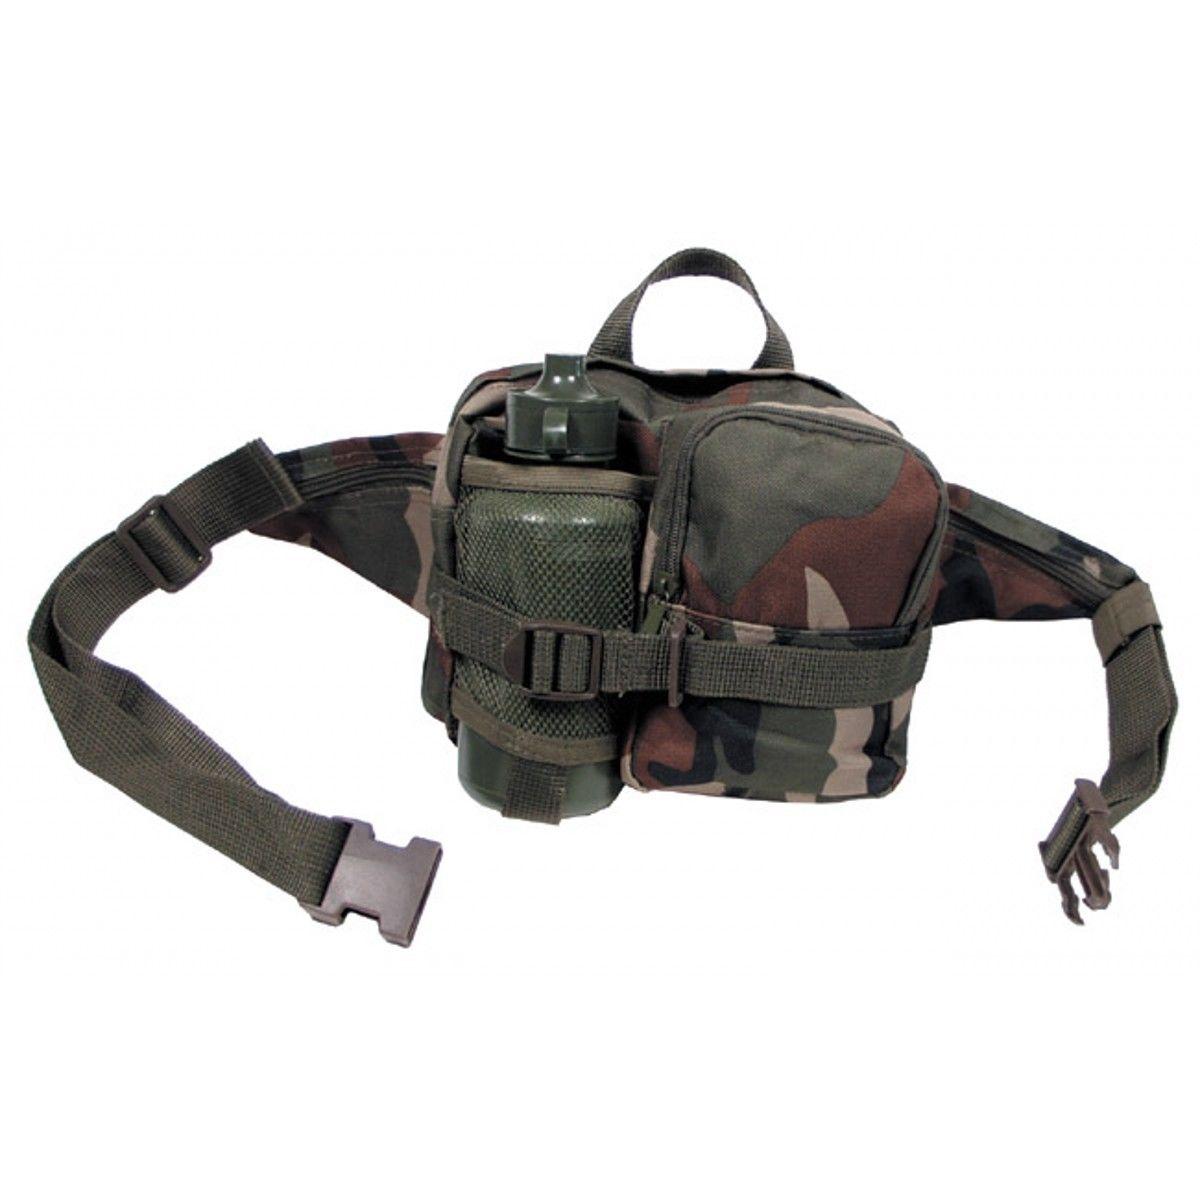 Hüfttasche mit Trinkflasche  0,7 l Bauchtasche Outdoor PackTasche  Gürteltasche